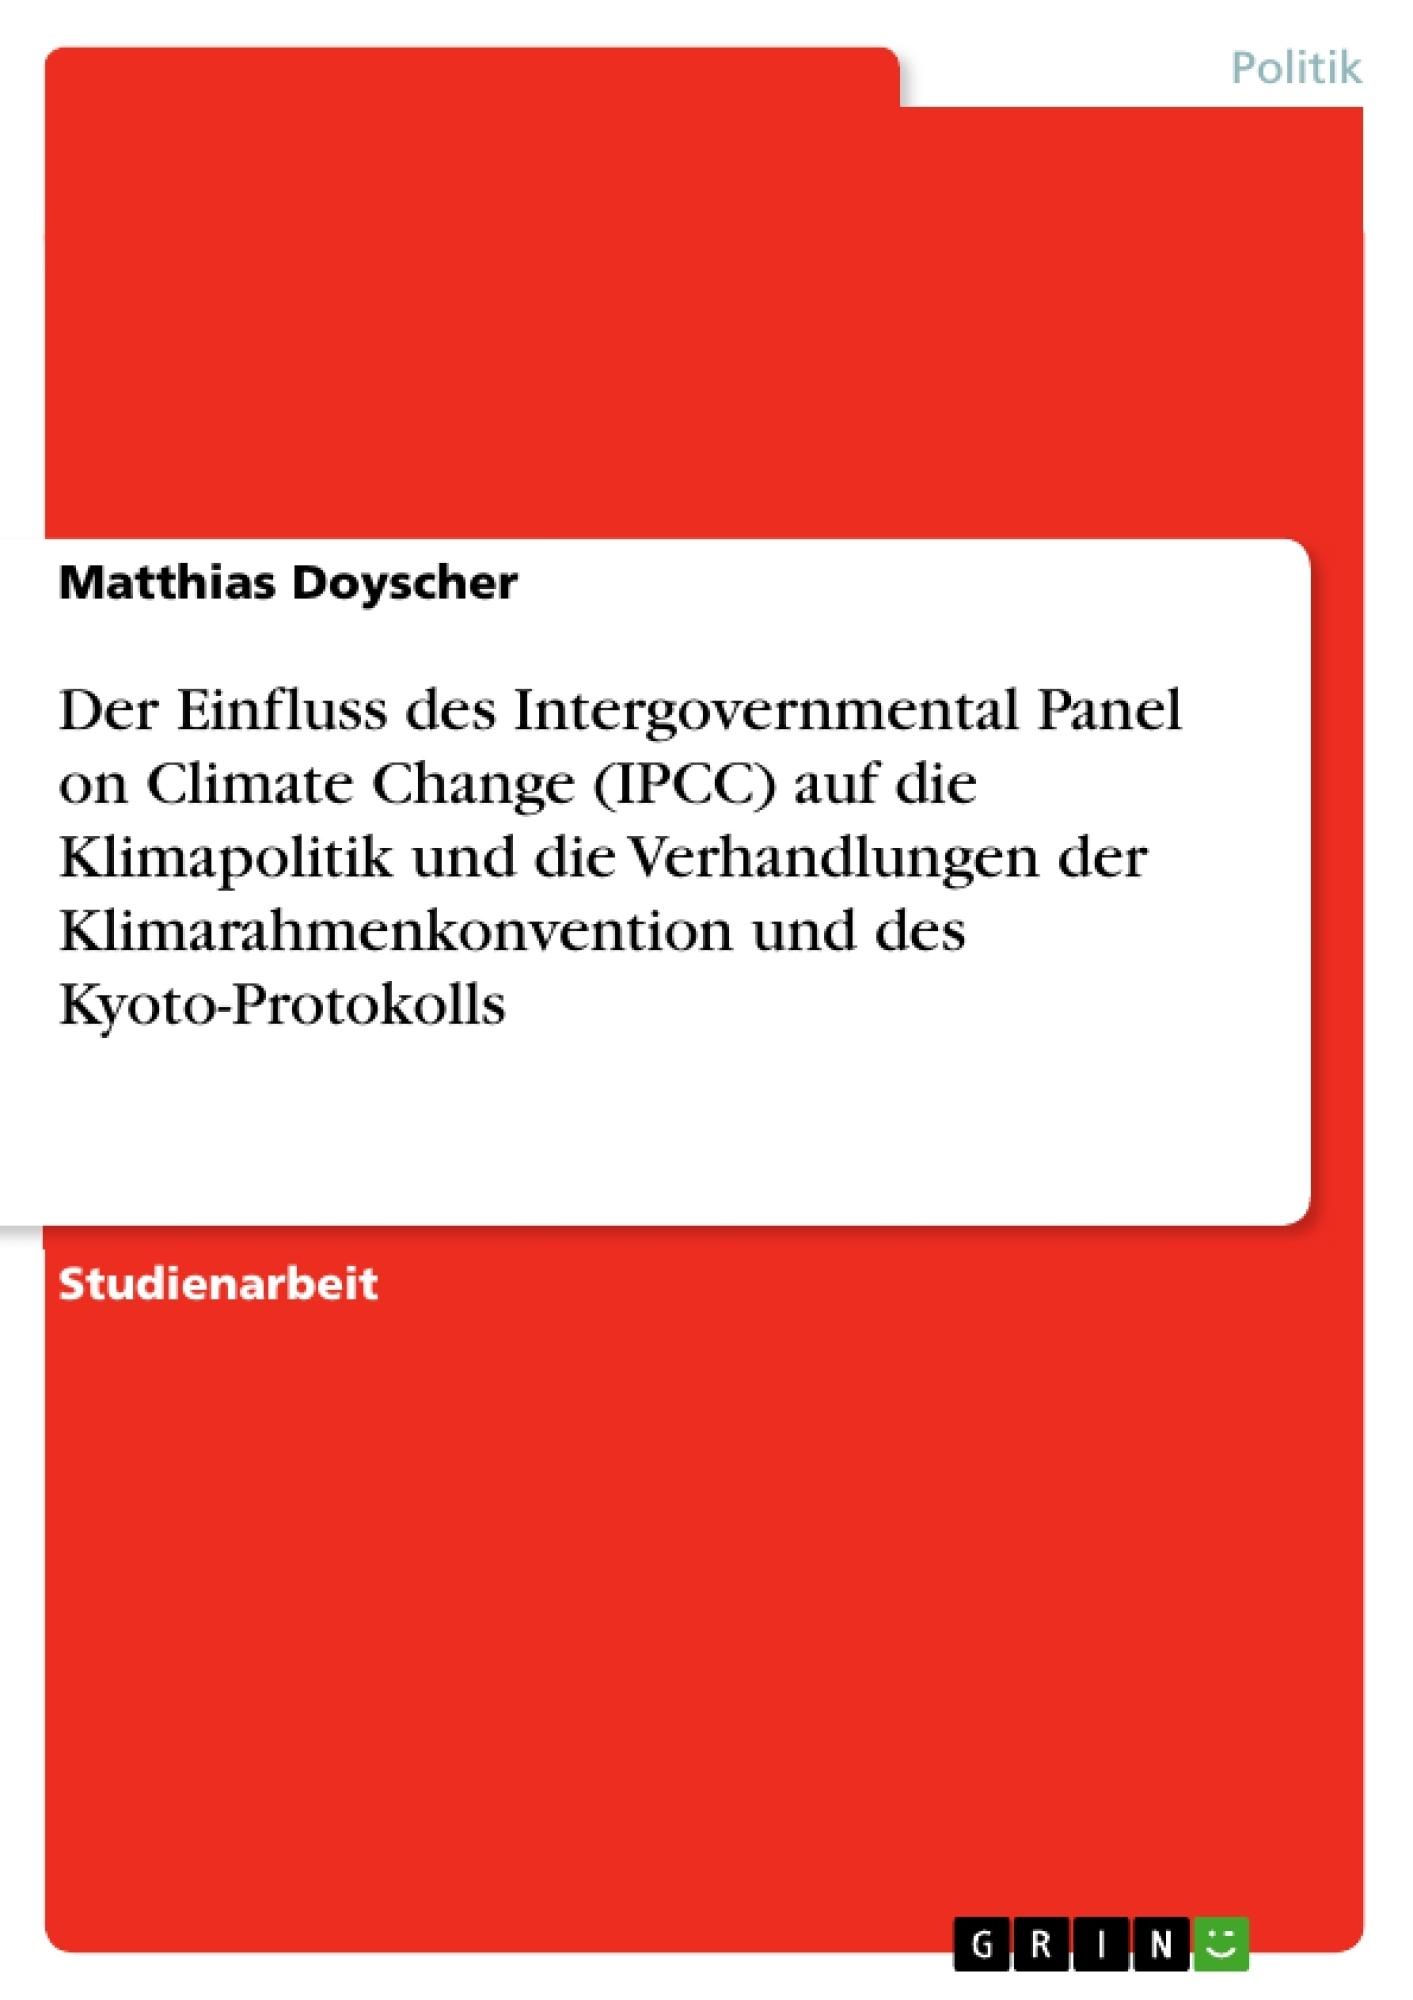 Titel: Der Einfluss des Intergovernmental Panel on Climate Change (IPCC) auf die Klimapolitik und die Verhandlungen der Klimarahmenkonvention und des Kyoto-Protokolls